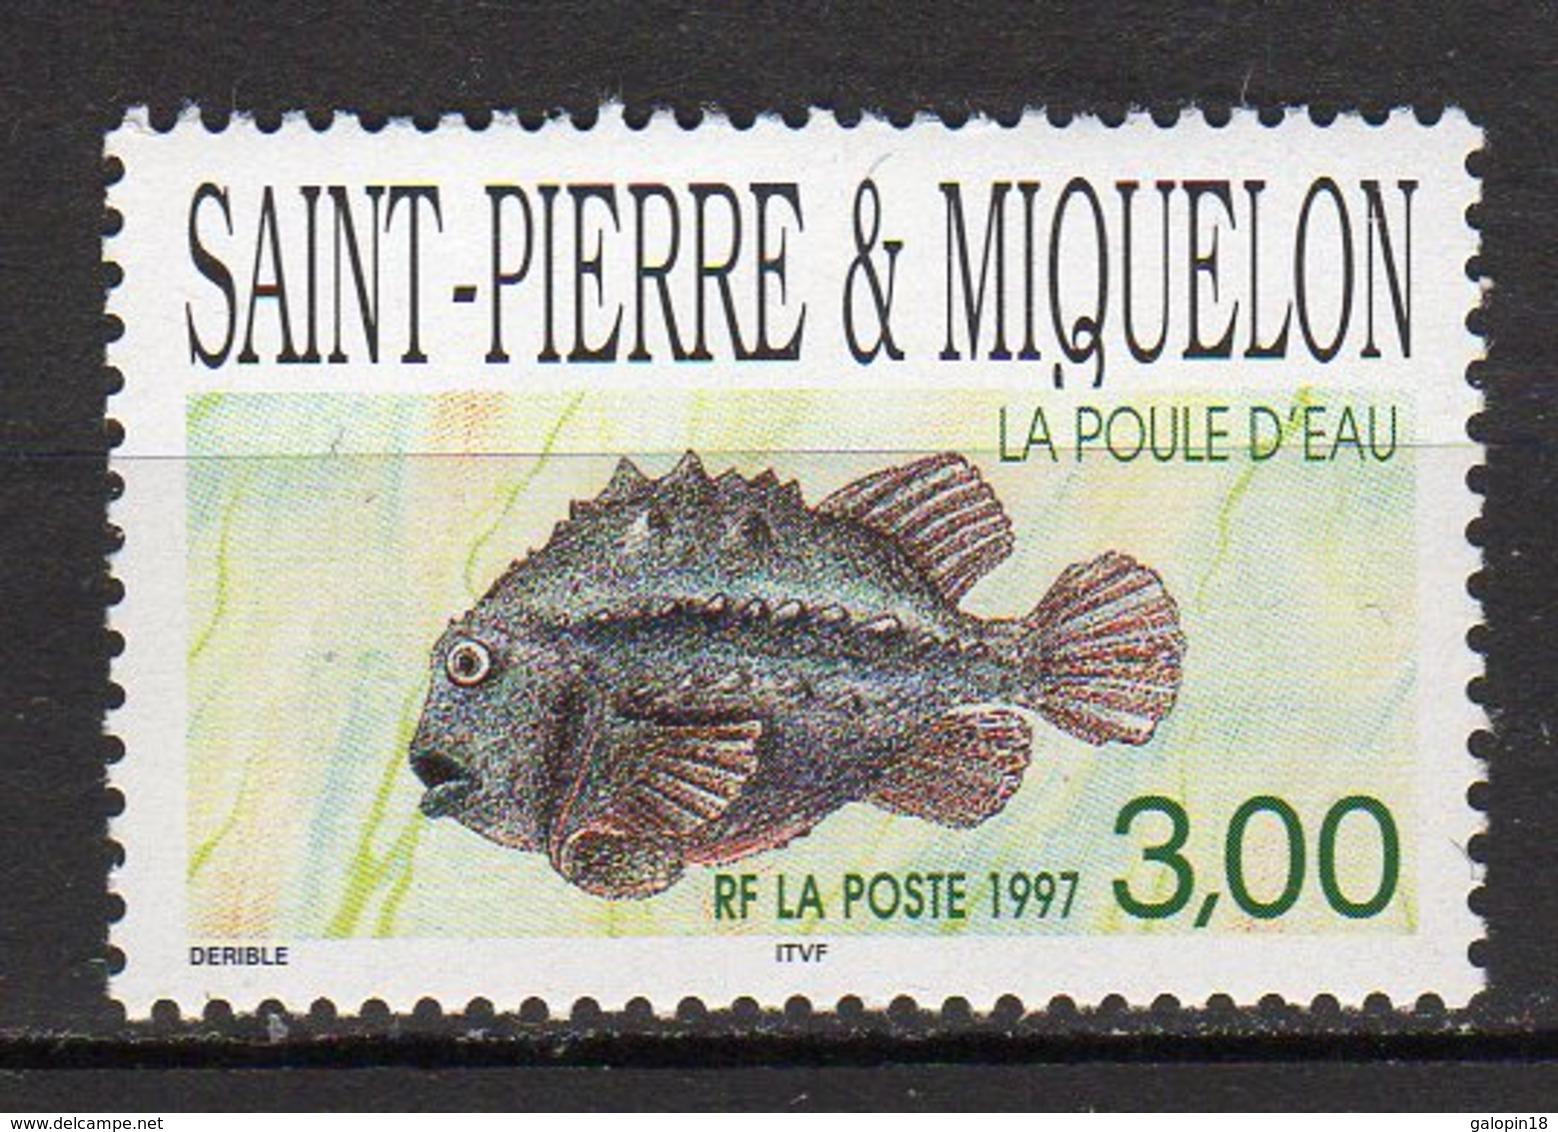 Saint-Pierre Et Miquelon Yvert N° 649 Neuf Poisson ( La Poule D'eau ) Lot 22-148 - St.Pierre & Miquelon